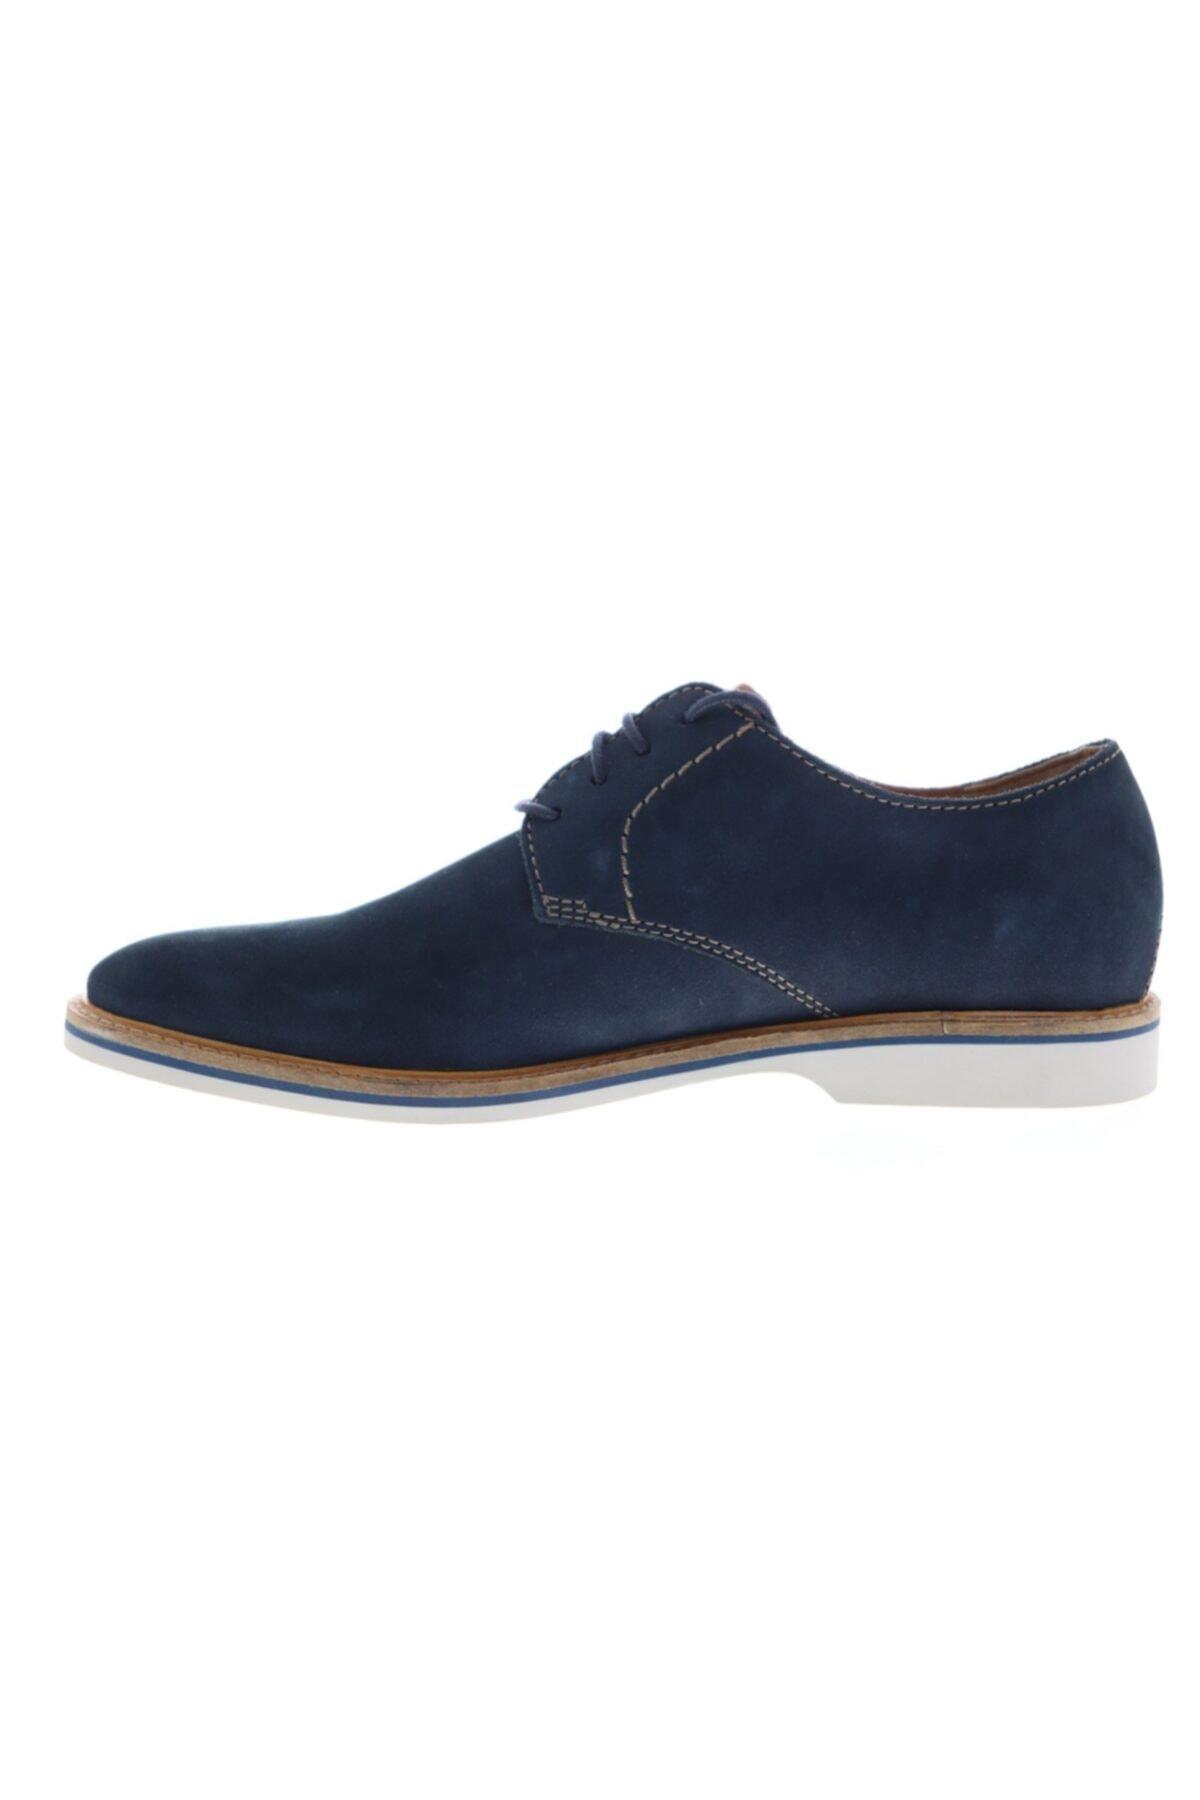 CLARKS Erkek Mavi Ayakkabı 26131819 2